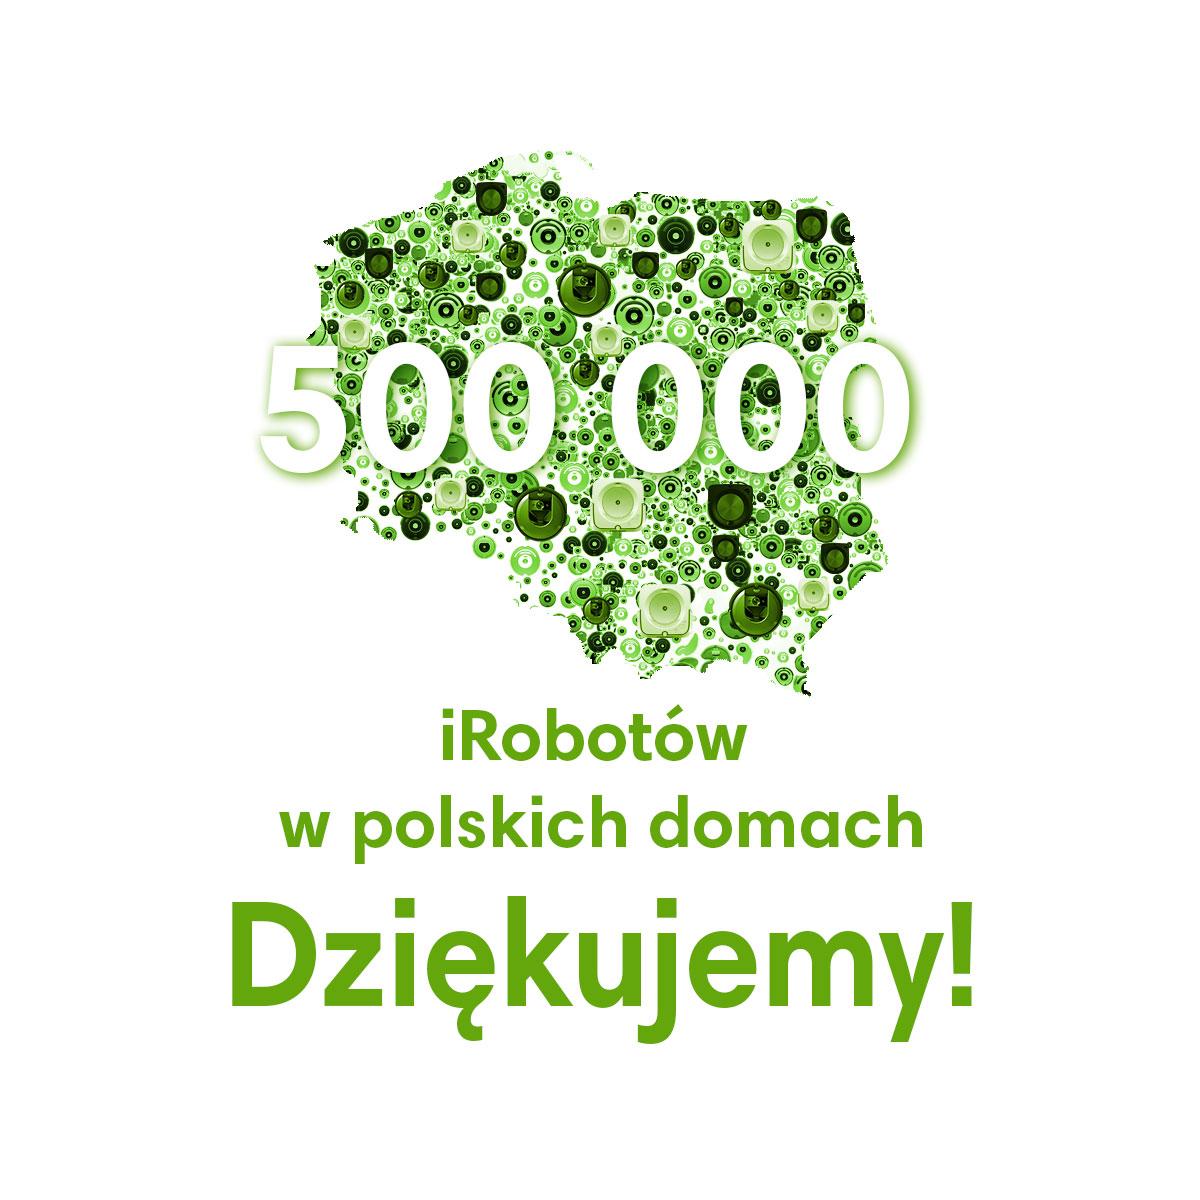 iRobot 500 tysięcy